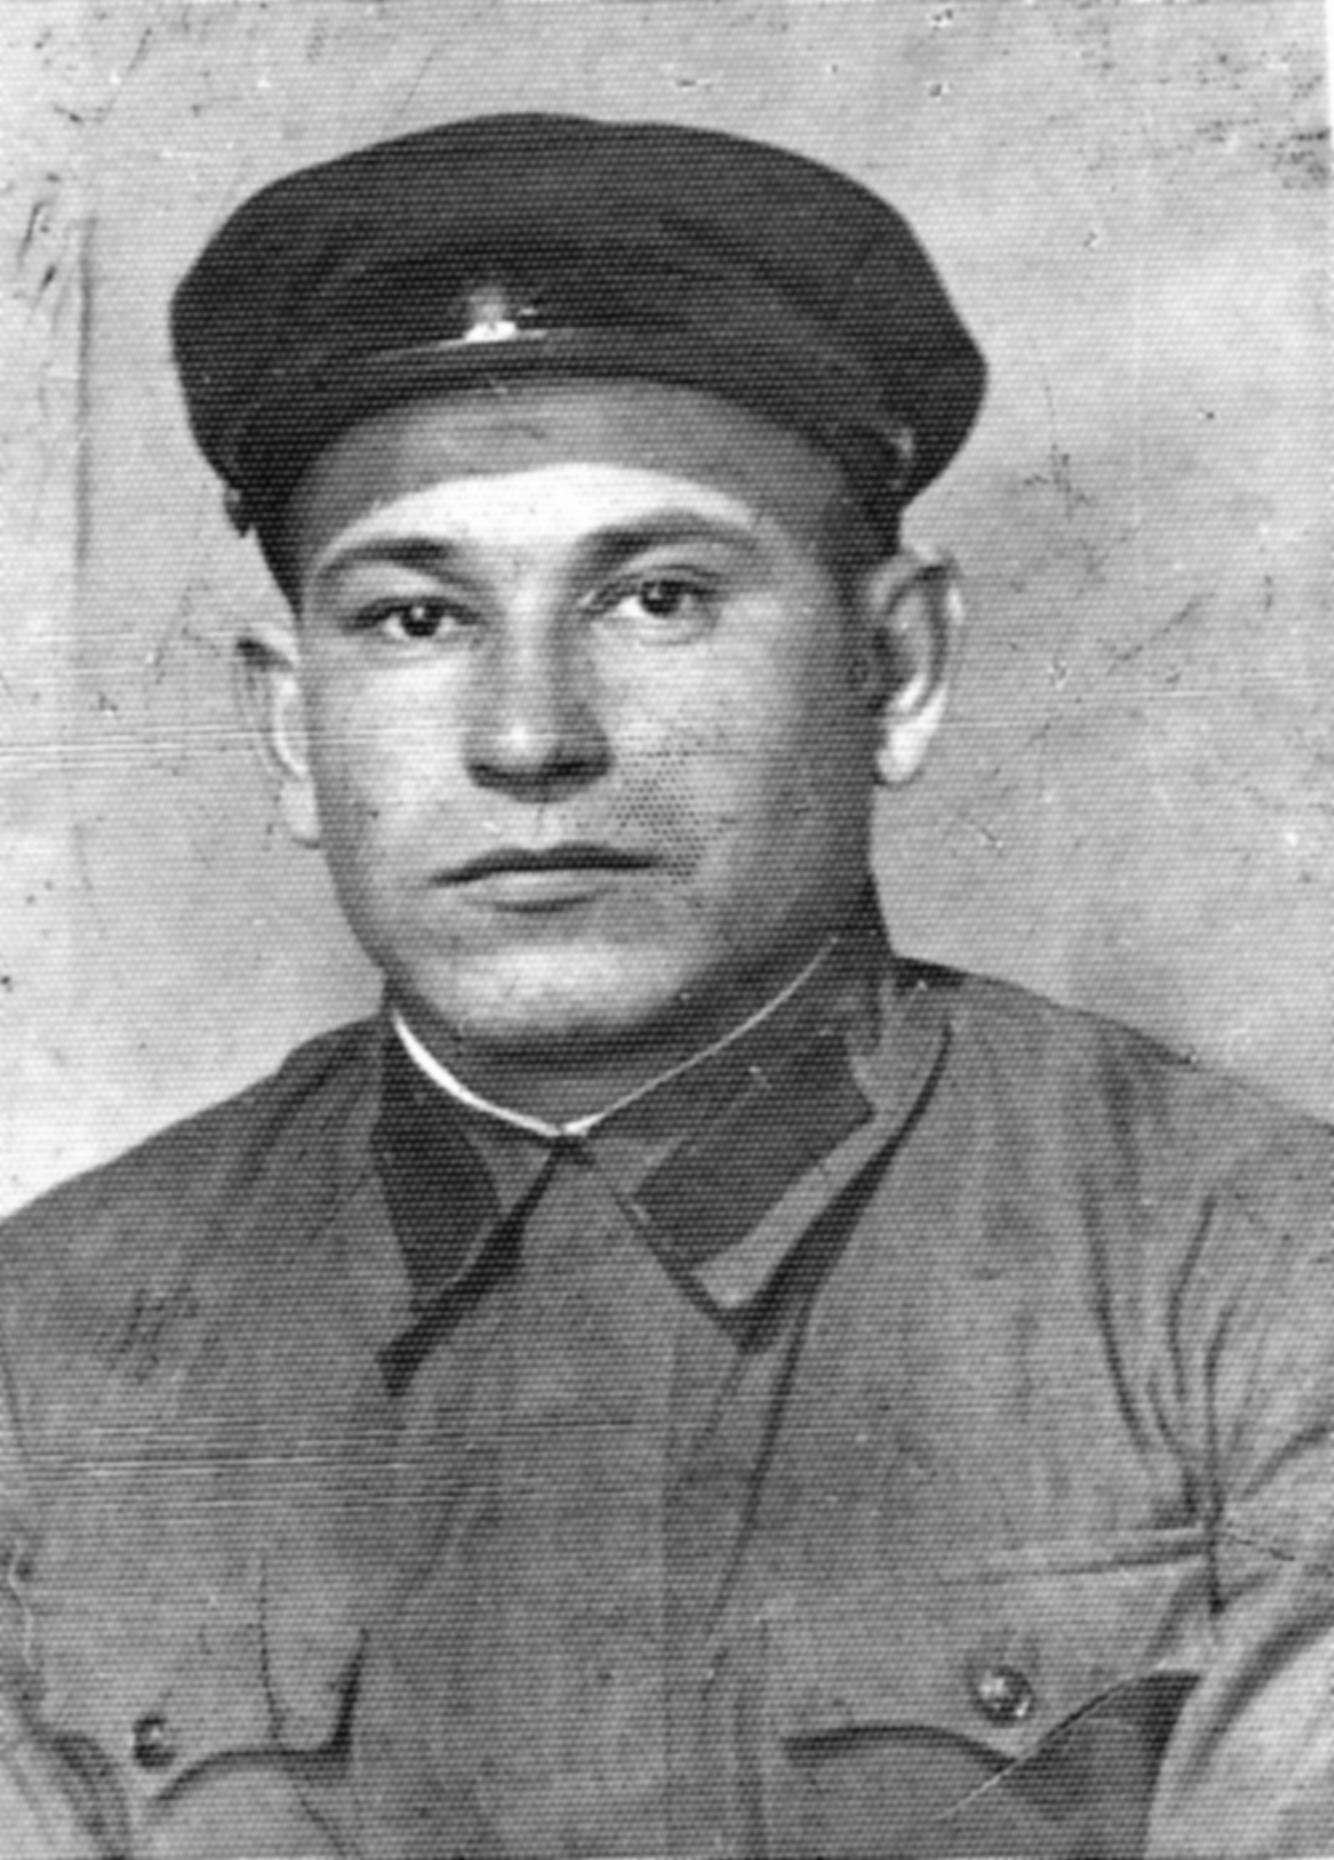 Добрецов А.Ф. фото из семейного архива внука Добрецова А.Ю.